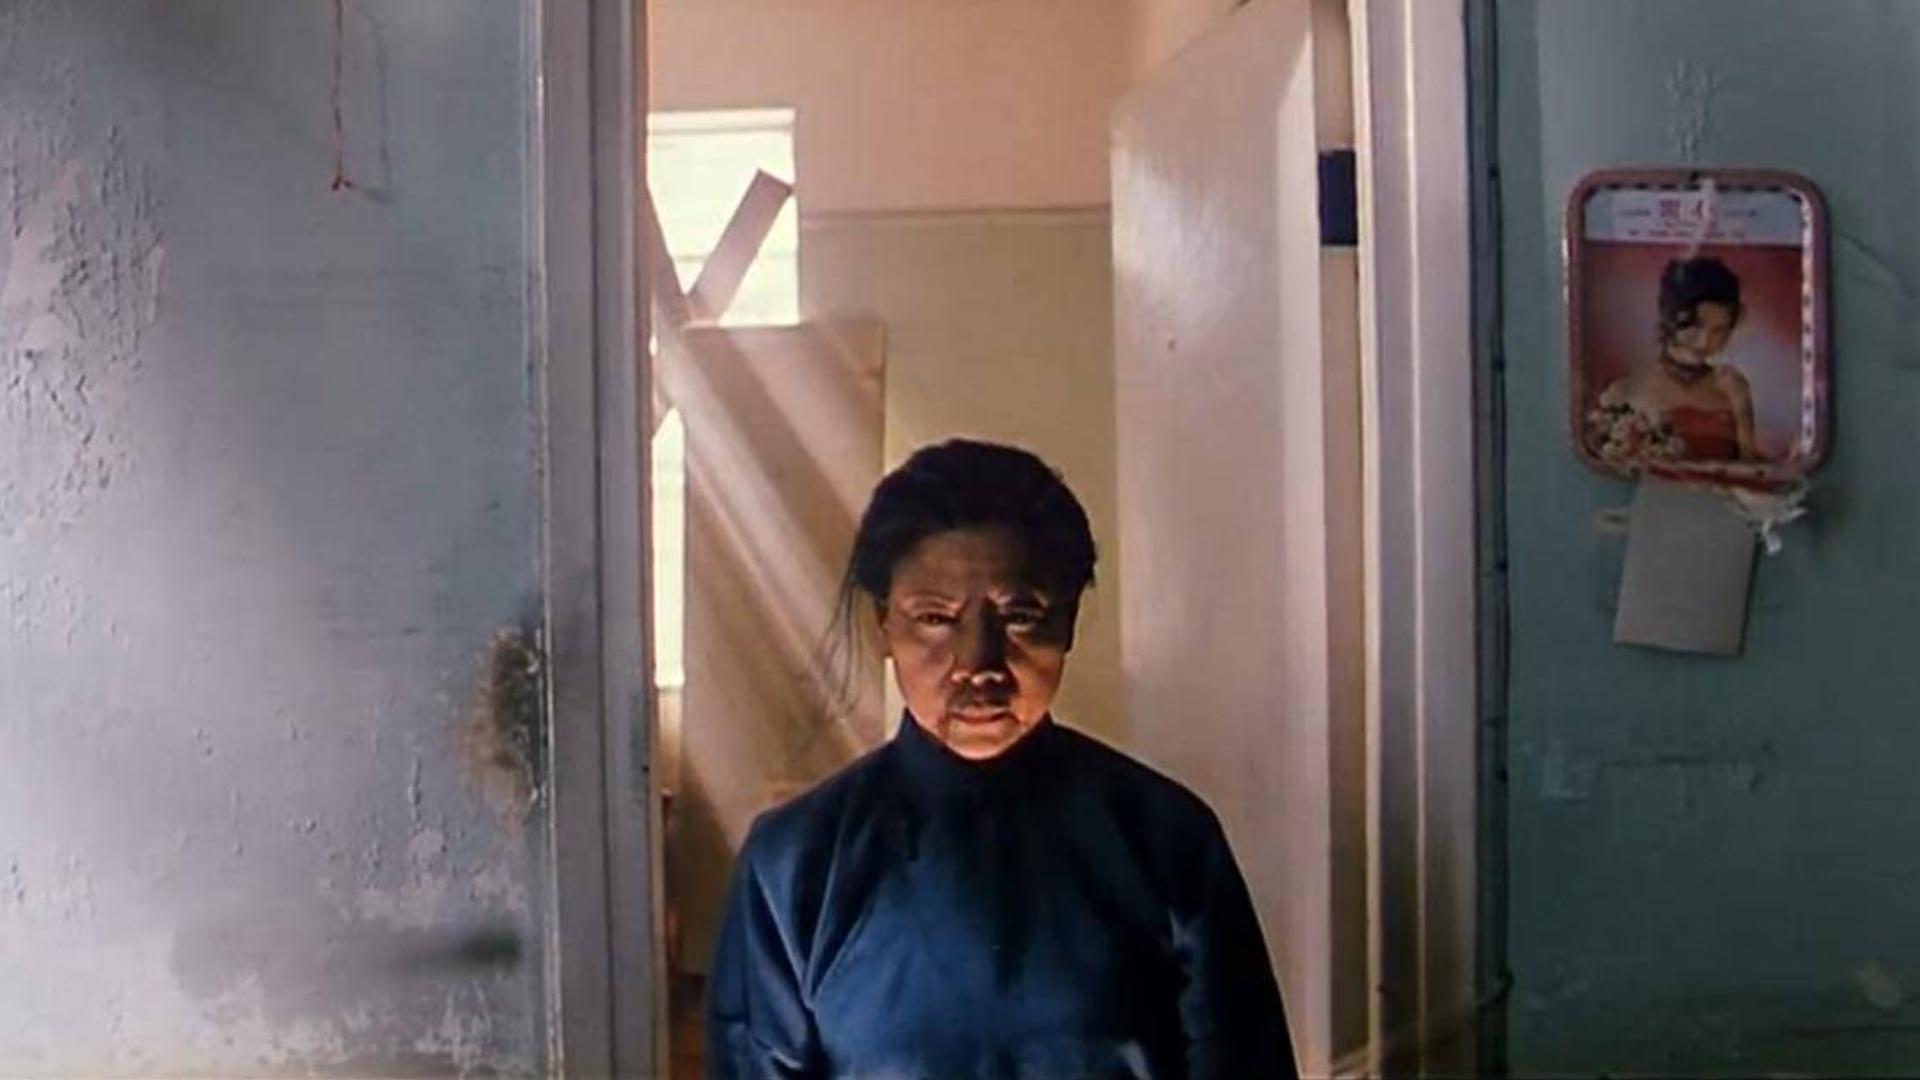 【瓜皮酱】童年阴影《阴阳路3》,婆婆不满意自己的葬礼,回来纠缠师傅三人